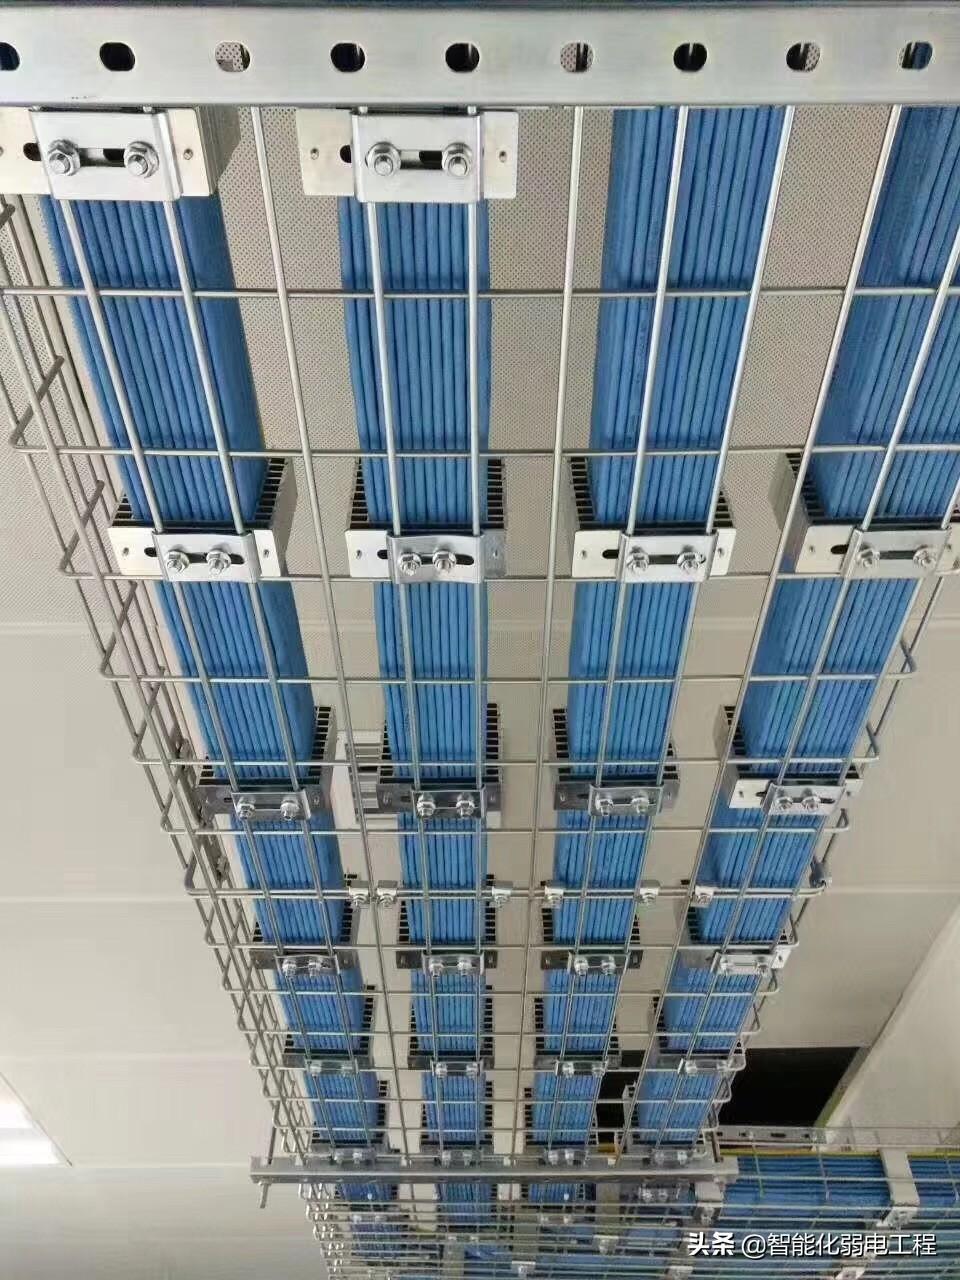 一套完整的智能化弱电工程桥架系统设计方案